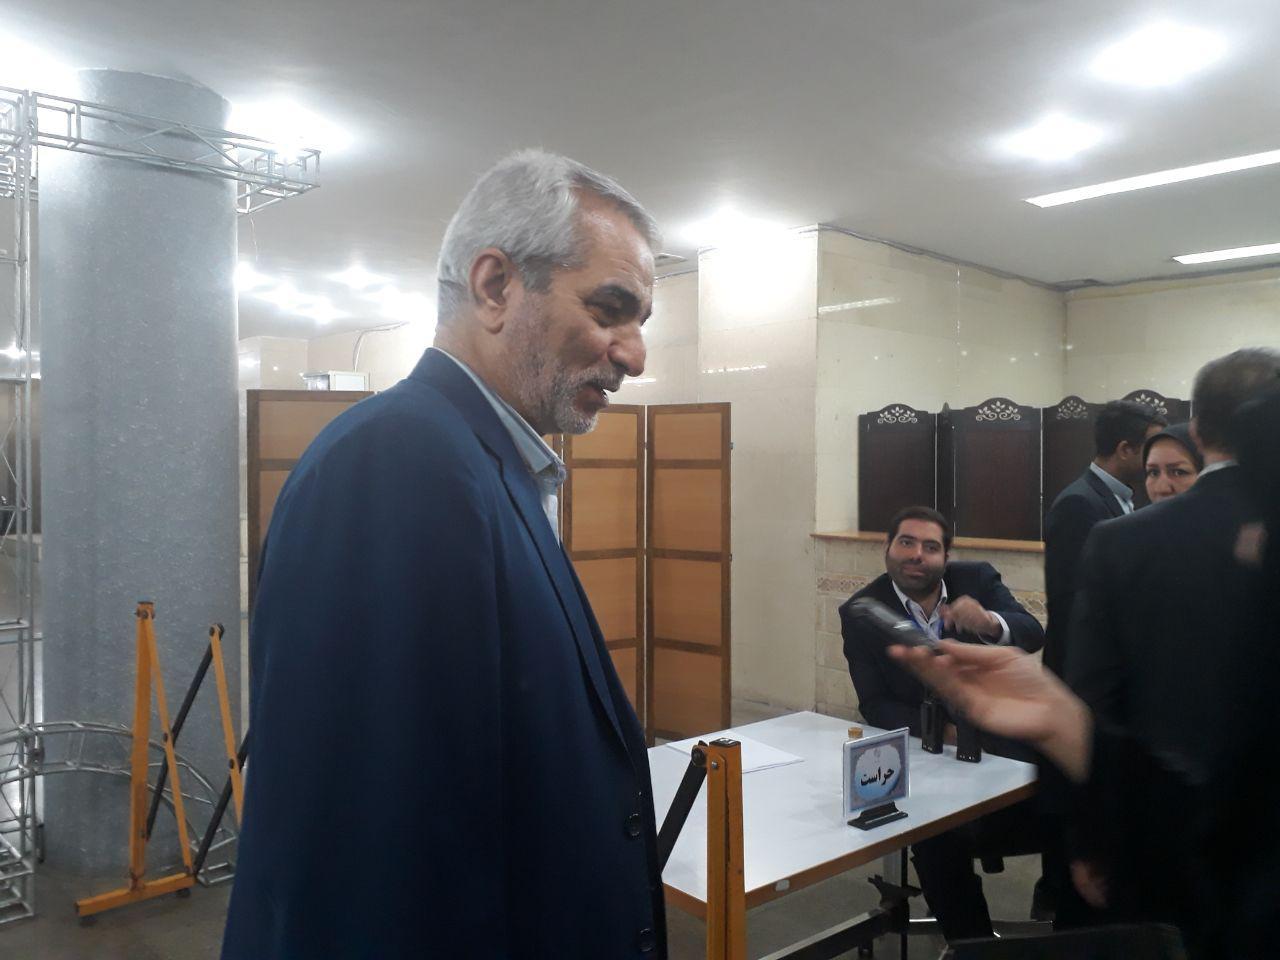 چهارمین روز ثبت نام از داوطلبان انتخابات مجلس یازدهم آغاز شد